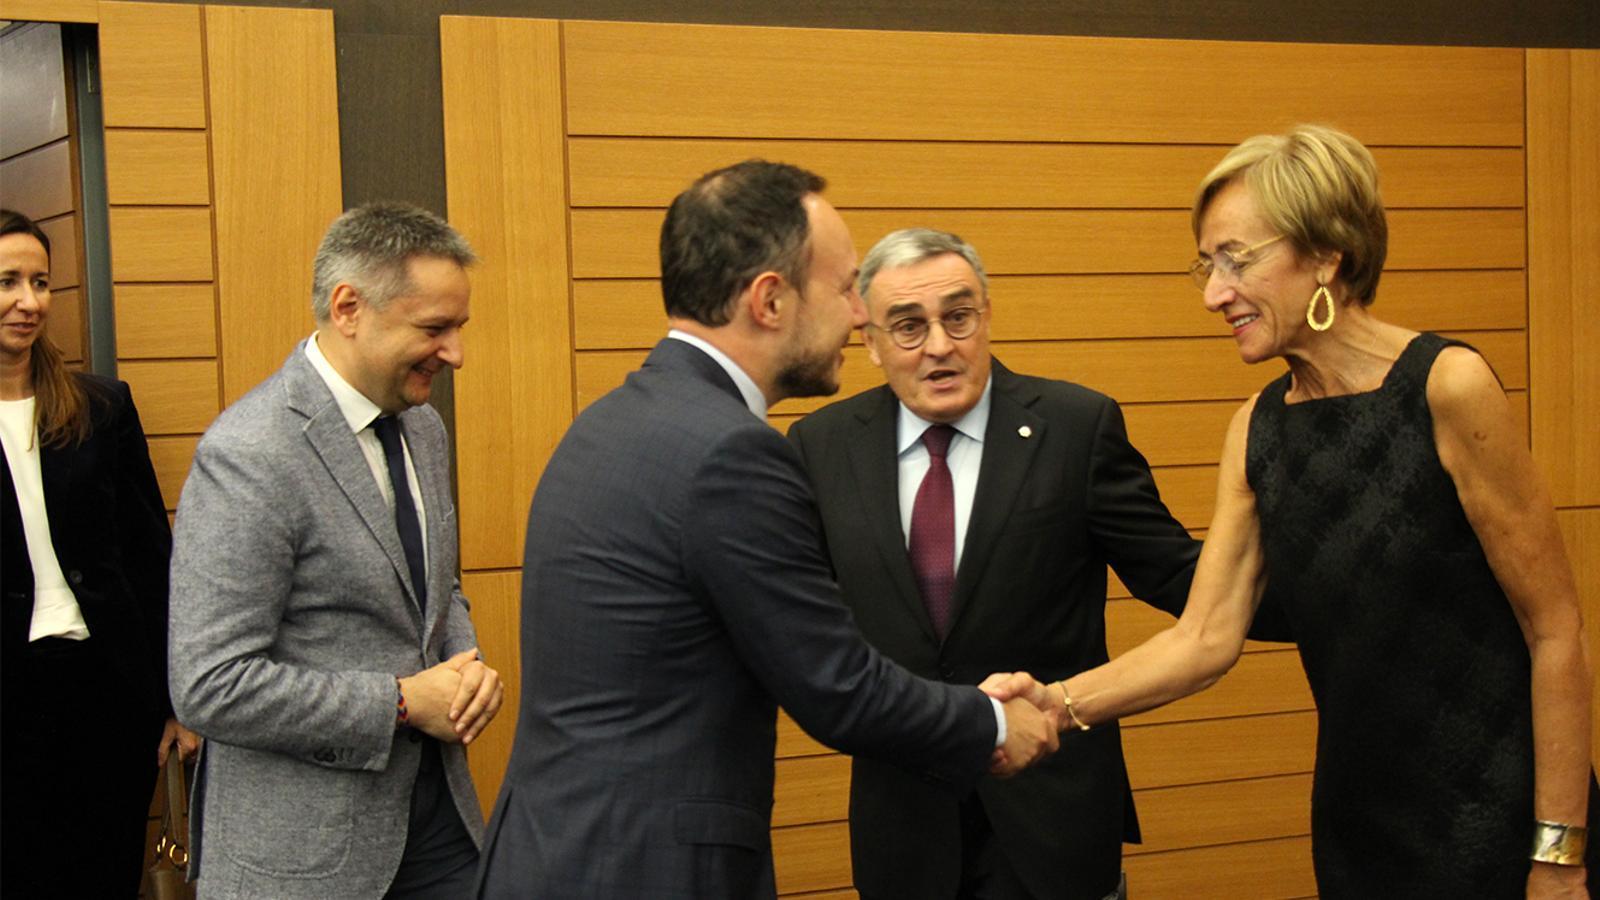 El ministre d'Afers Socials, Justícia i Interior, Xavier Espot, durant la recepció abans d'iniciar-se la celebració de la festa nacional d'Espanya. / M. M. (ANA)